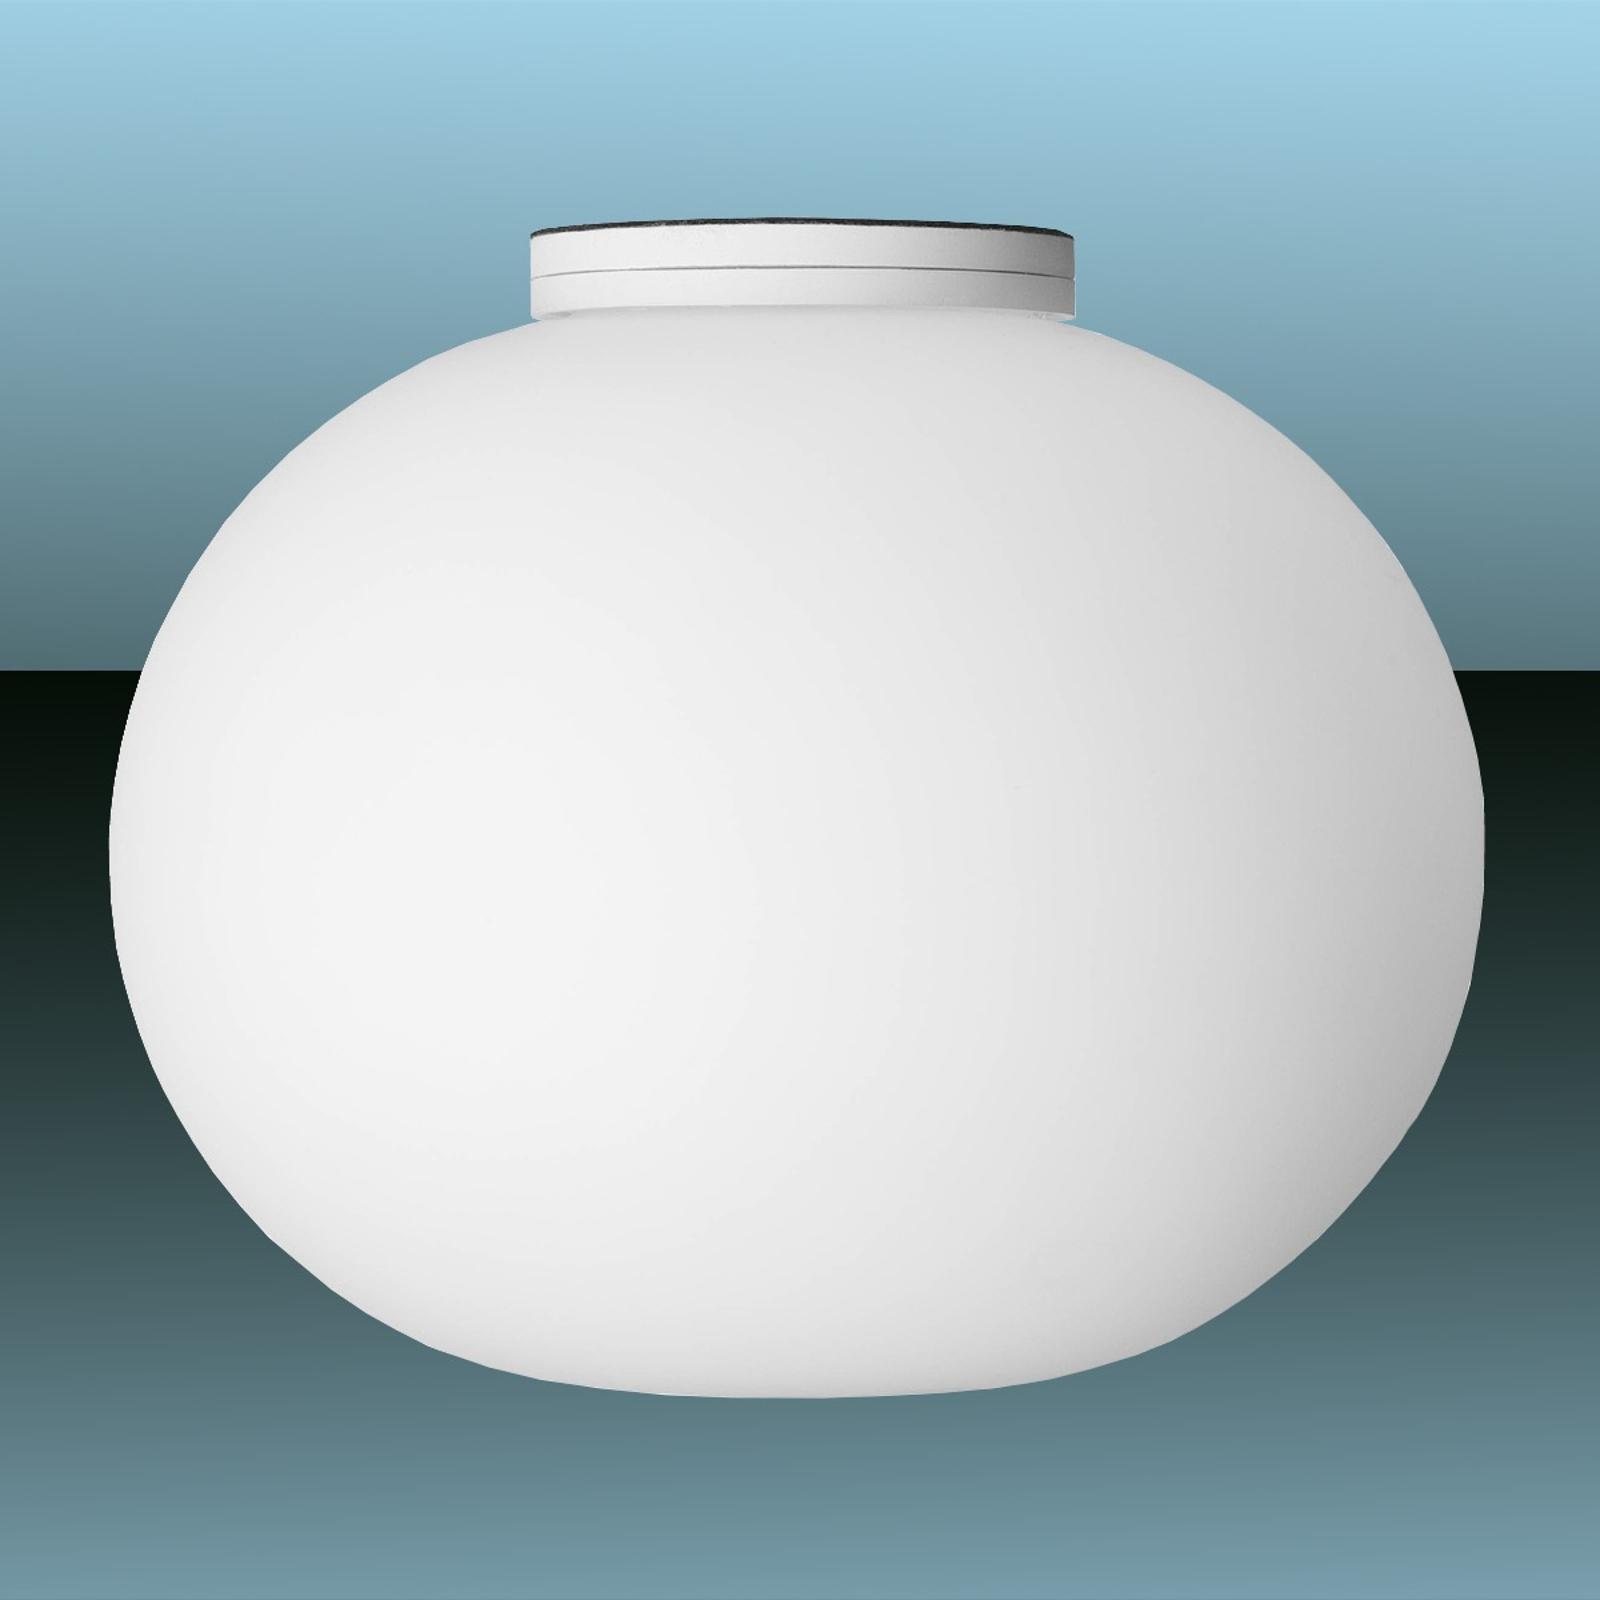 Glob-Ball Basic Zero - bescheiden plafondlamp